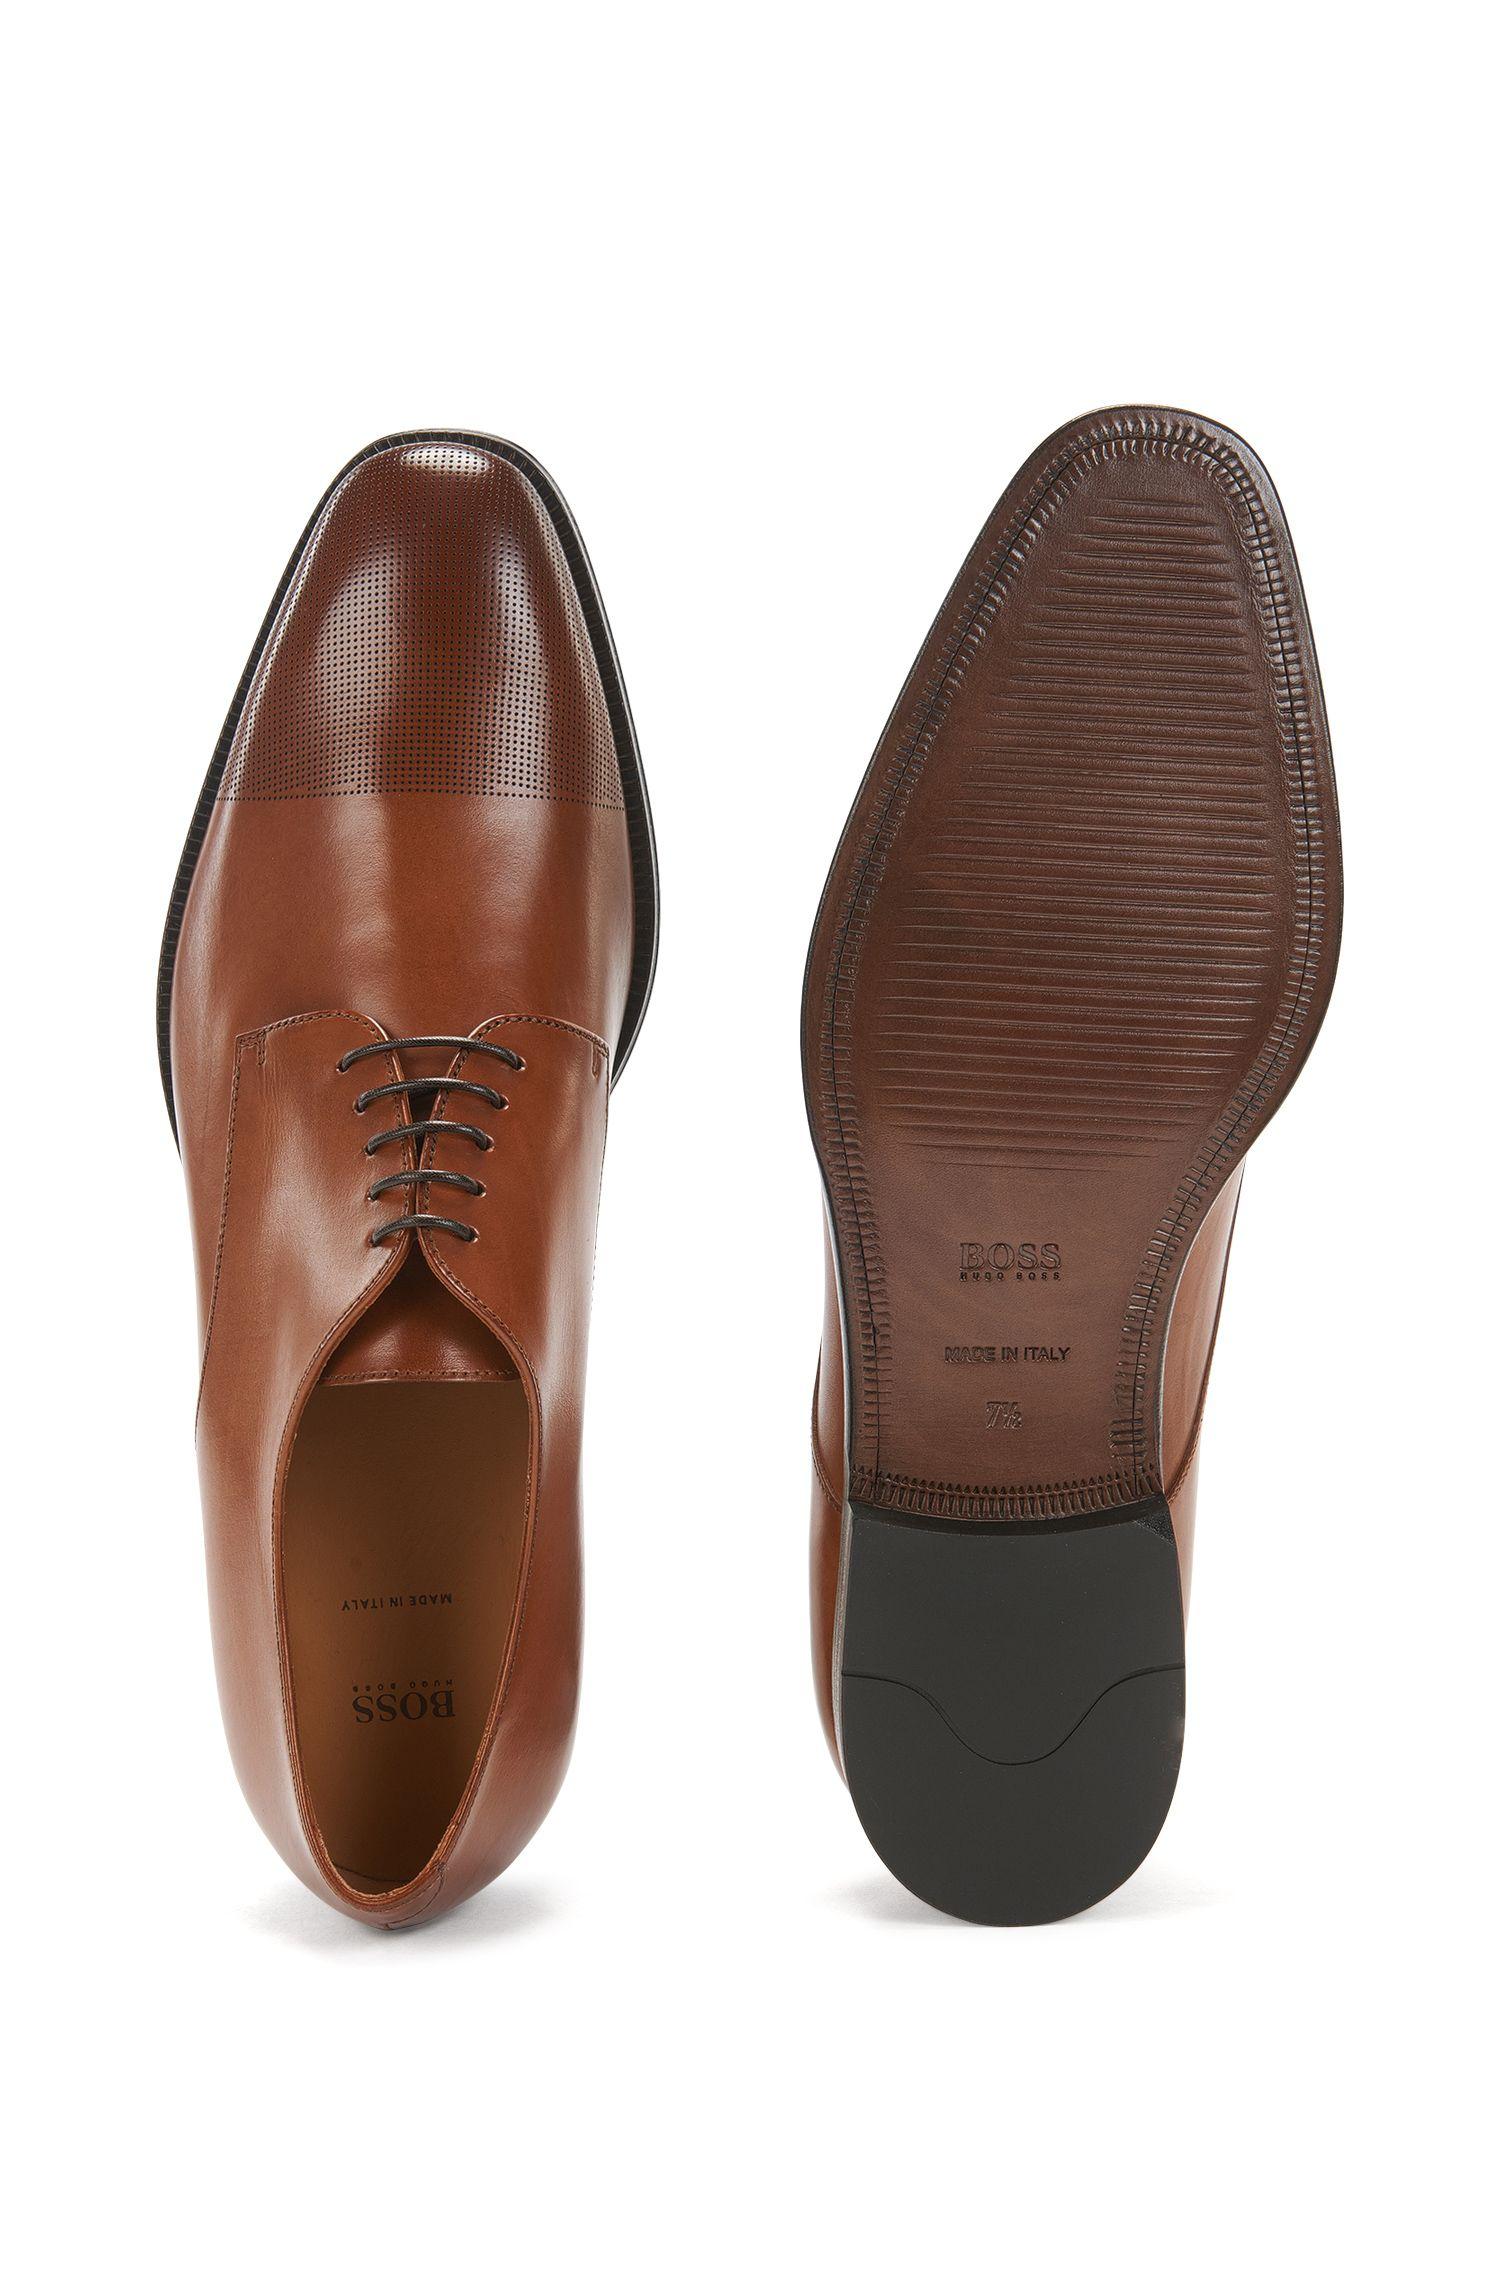 Zapatos de piel estilo Derby con puntera cortada a láser